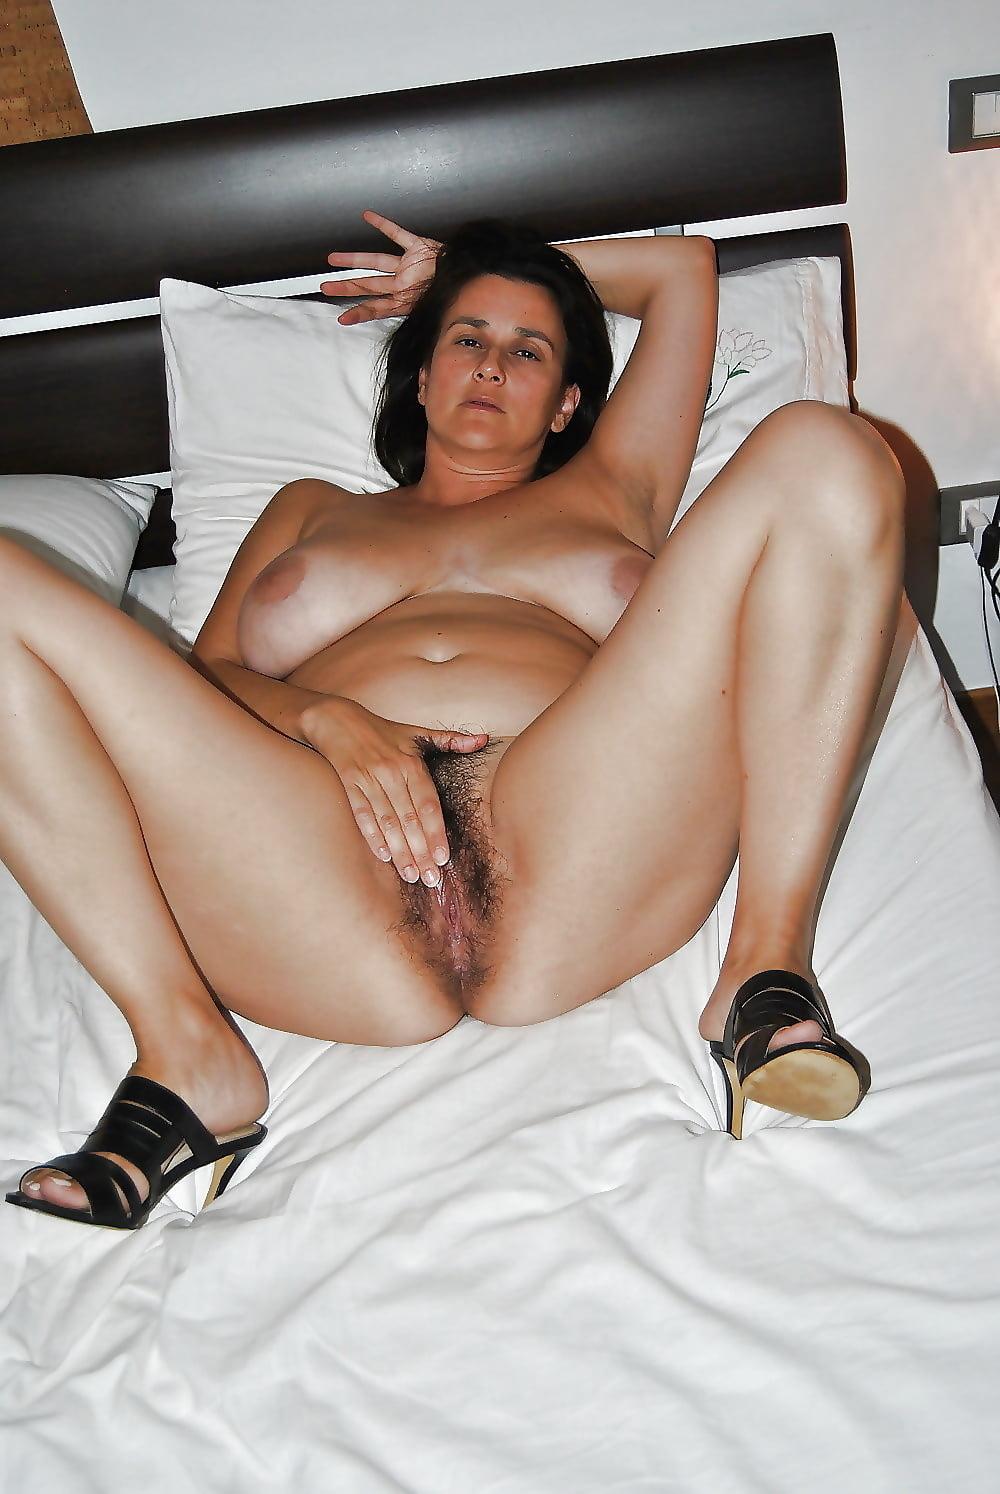 Italian mature slutty women